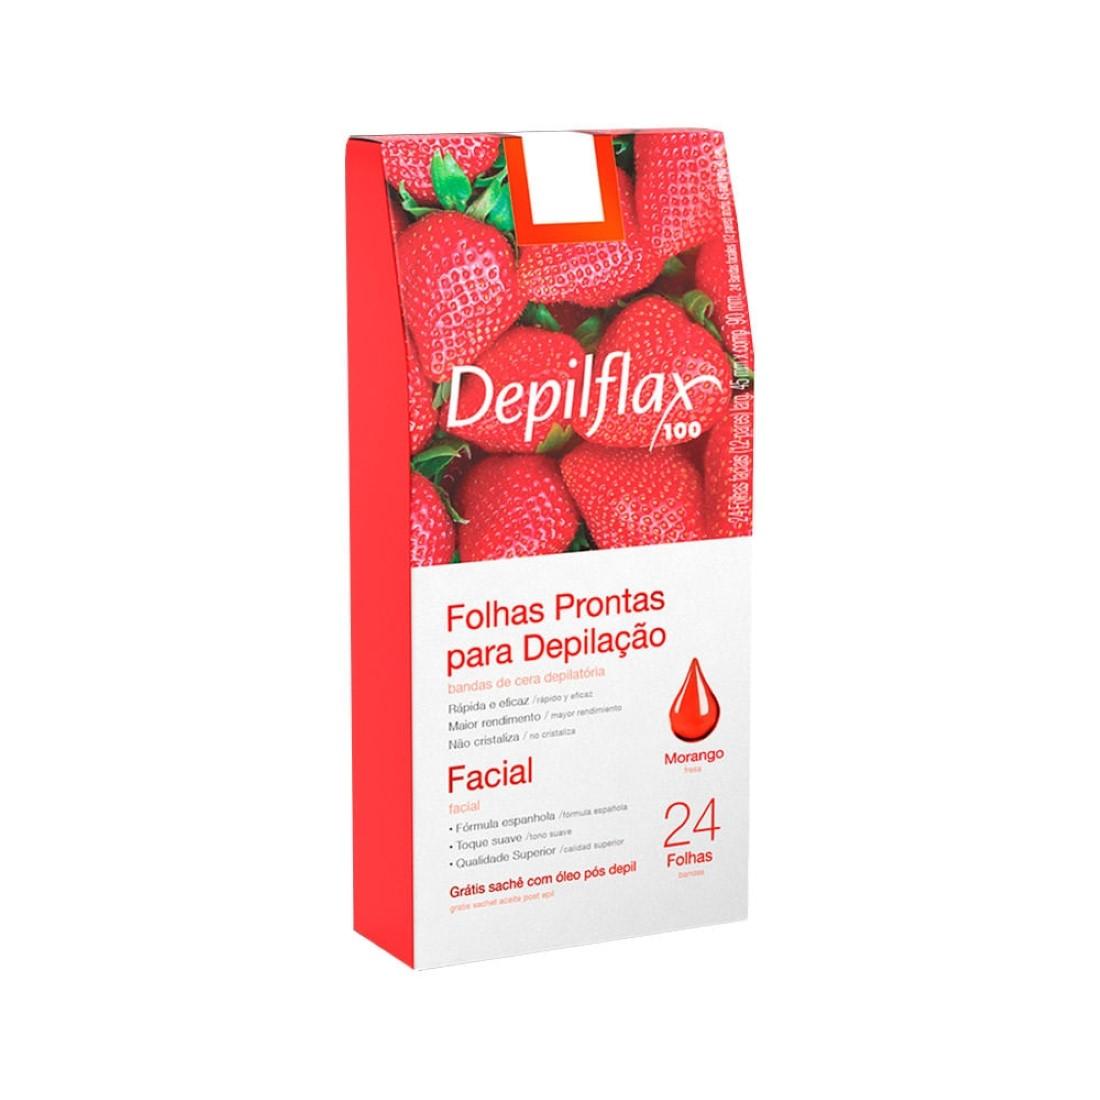 24 Folhas de Cera Depilatória Facial Morango - Depilflax